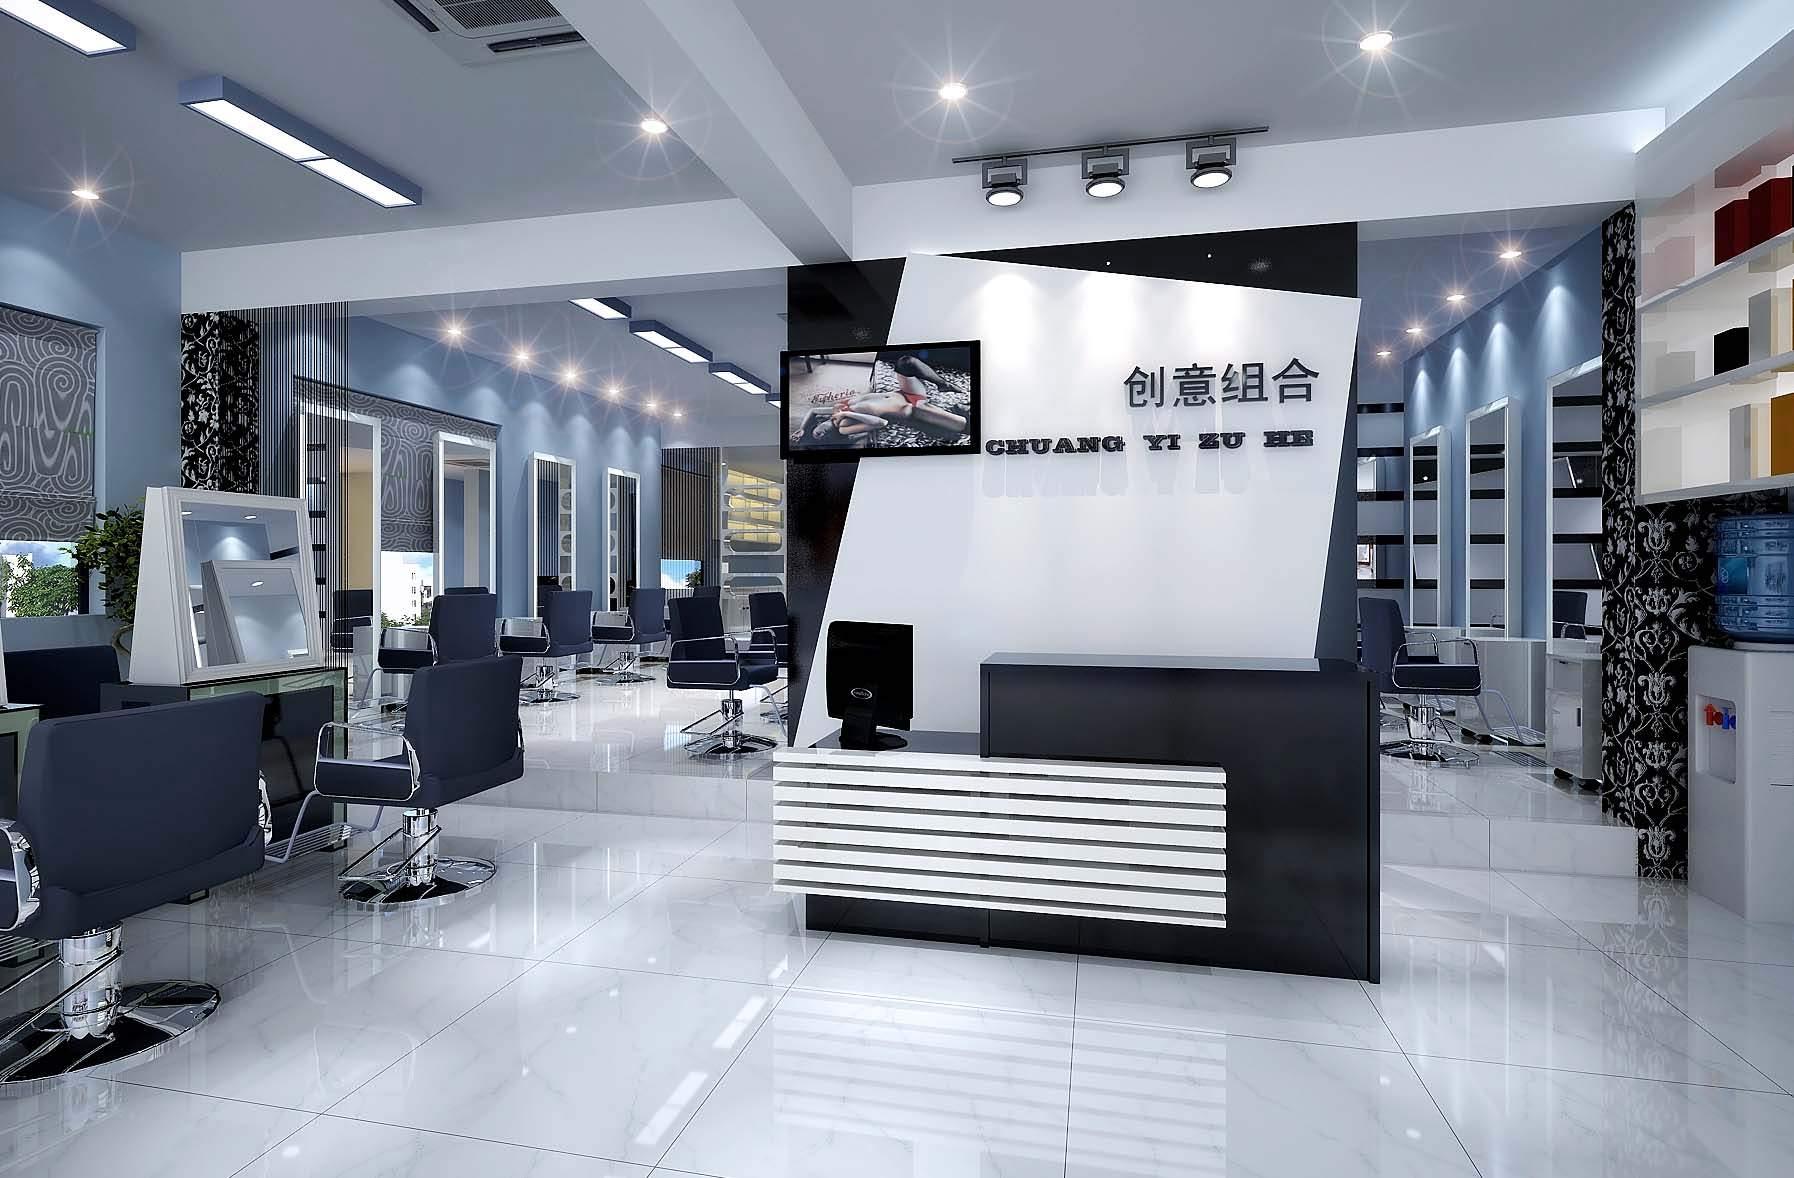 Modern salon interior 3d model max for A design and color salon